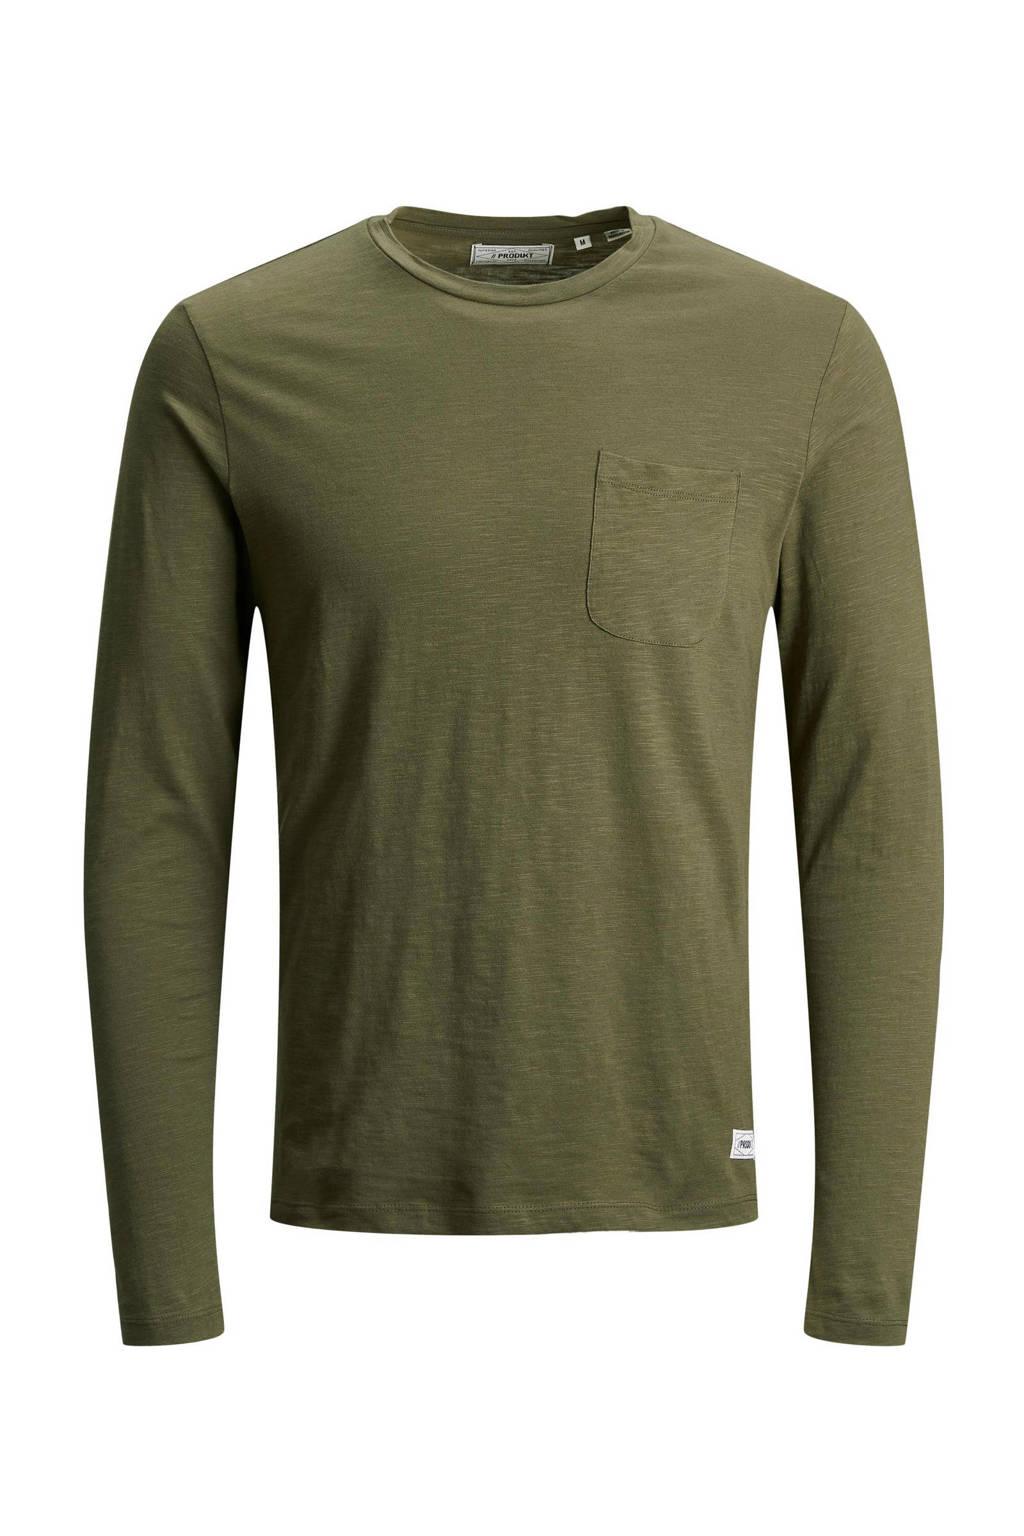 PRODUKT T-shirt olijfgroen, Olijfgroen